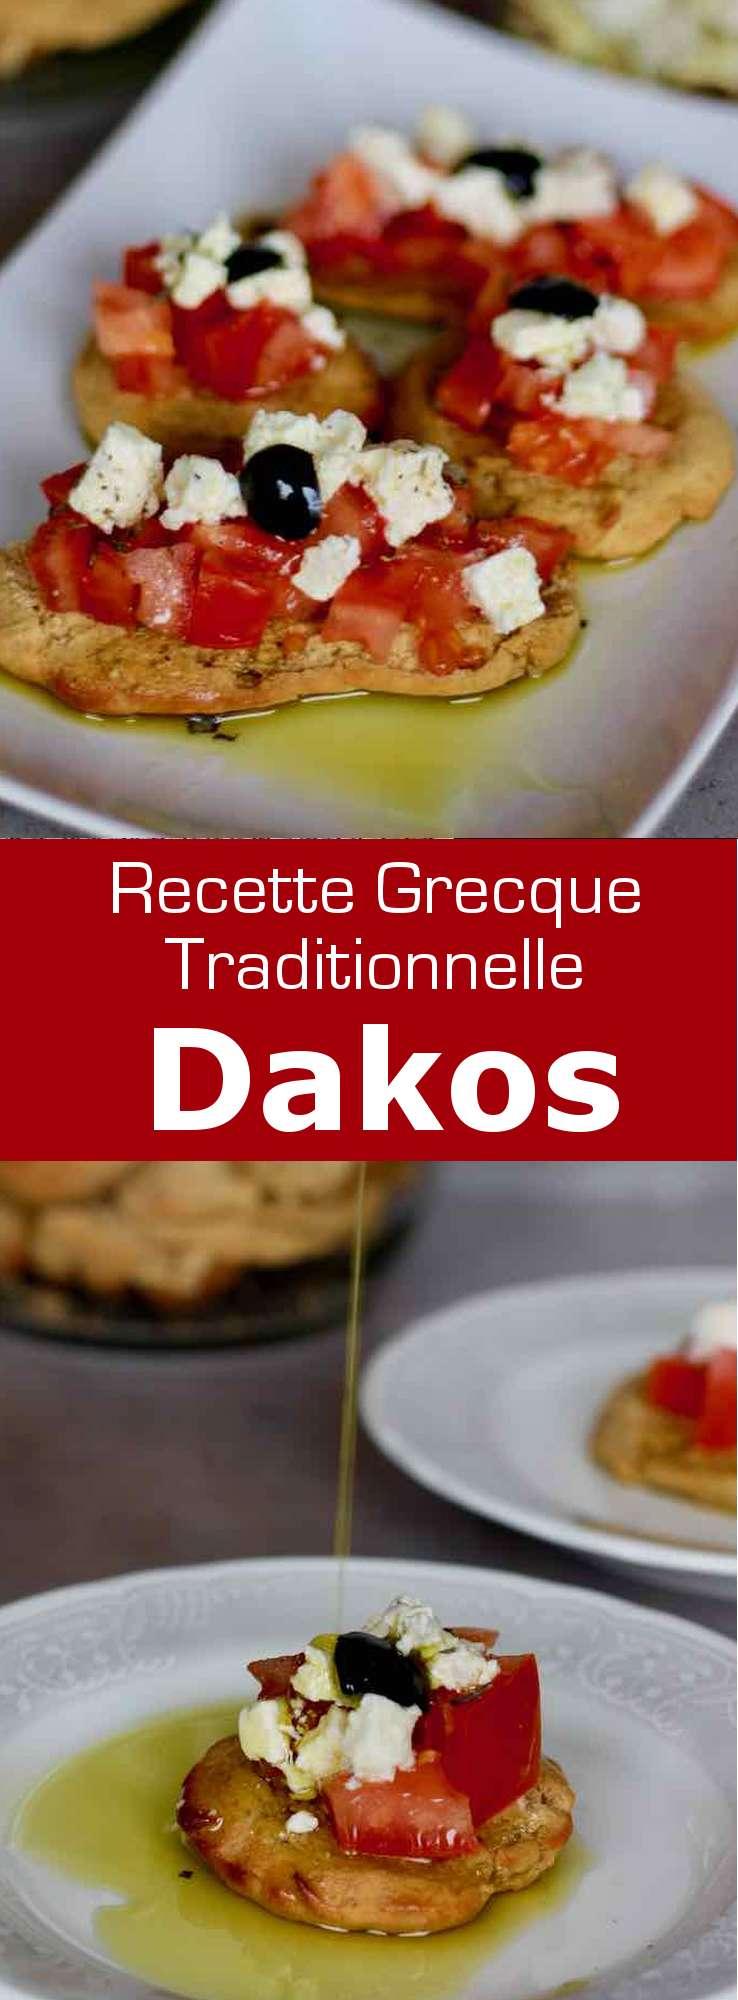 Le dakos est une tranche de paximadi garnie detomate et de fromagefetaoumizithra arrosée d'une dose généreuse d'huile d'olive extra vierge. #Grece #RecetteGrecque #CuisineGrecque #CuisineMediterraneenne #CuisineDuMonde #196flavors